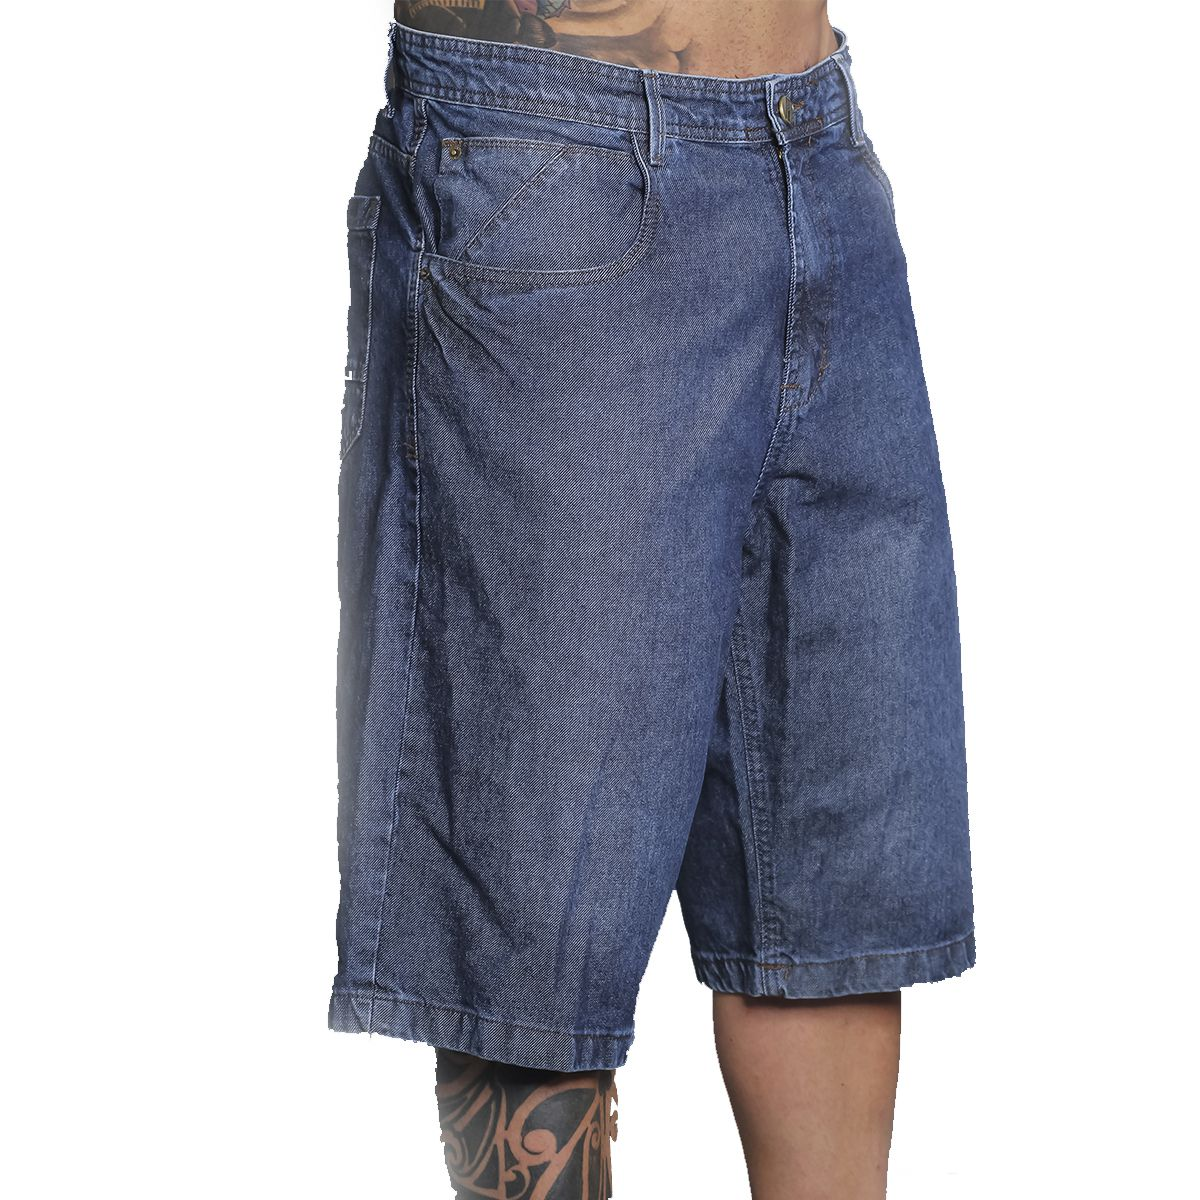 Bermuda Jeans Masculina Gangster 57.07.0054